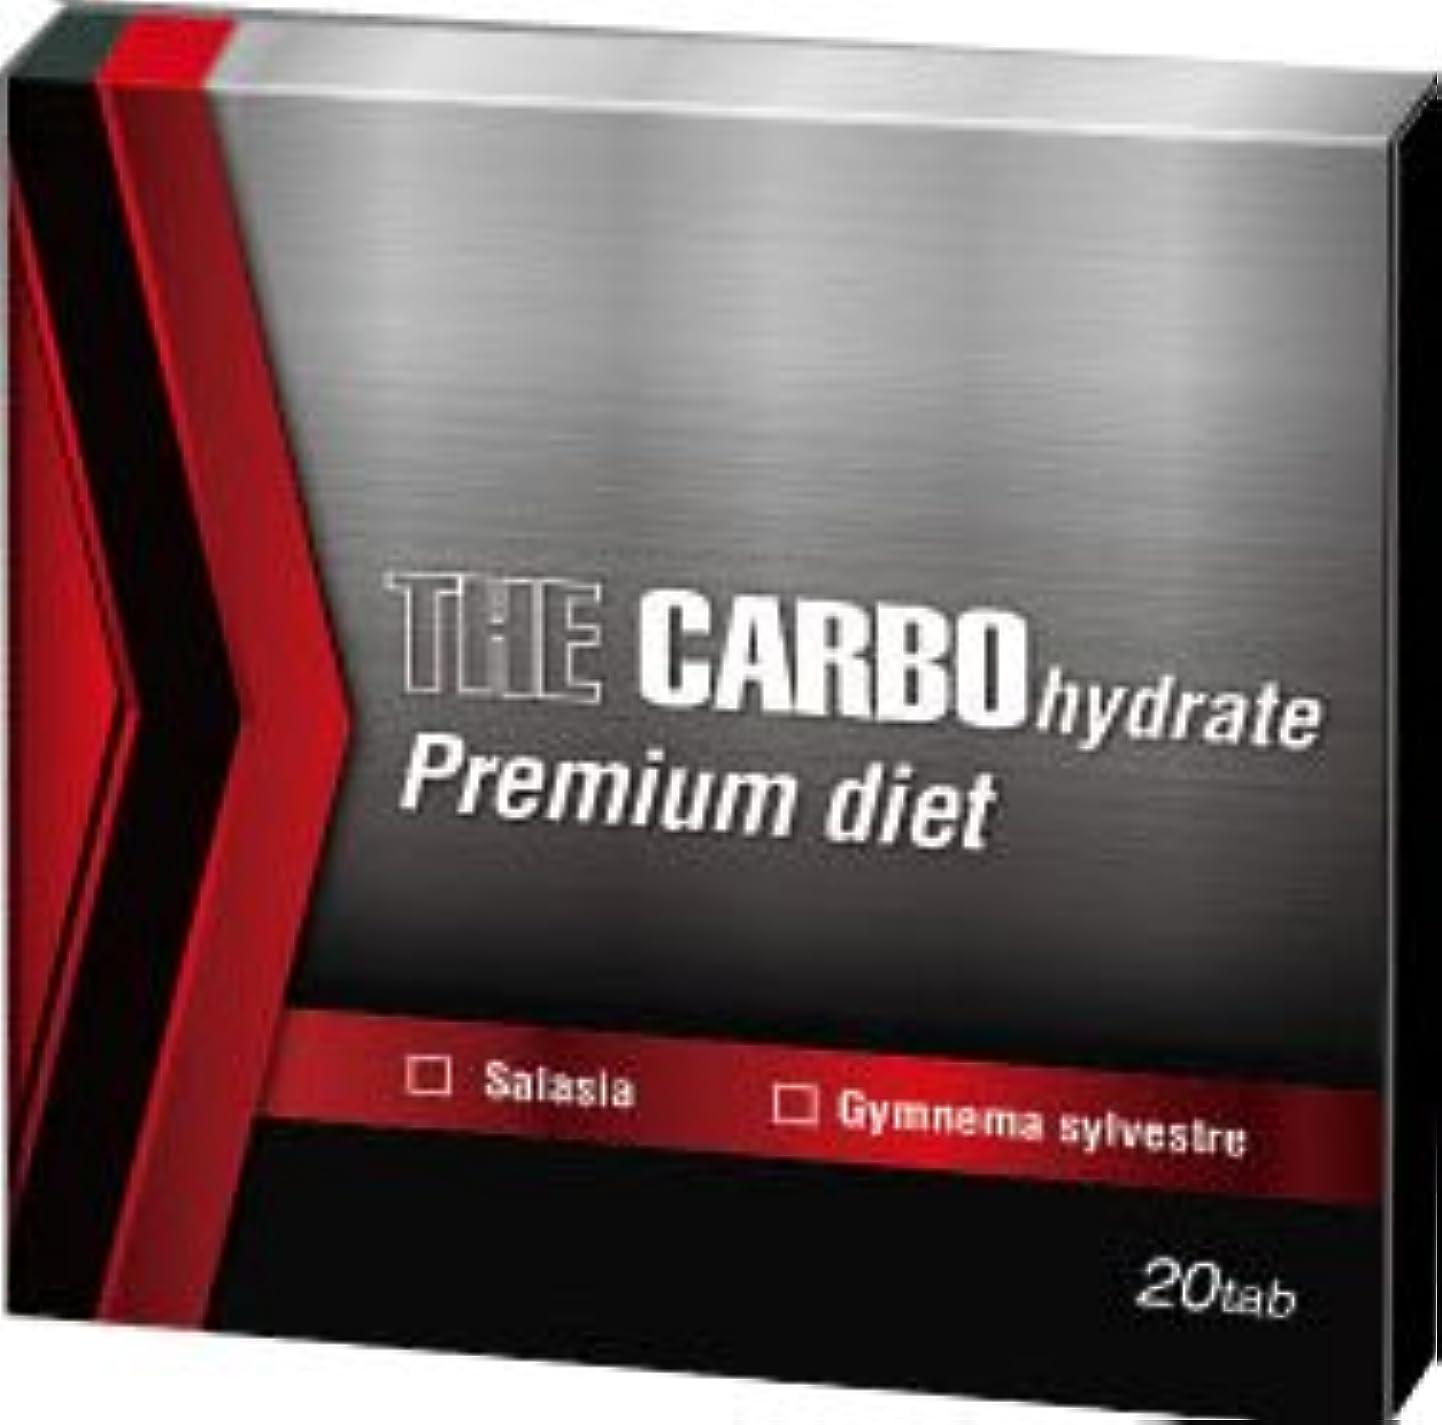 求人寄り添う兵器庫ザ?糖質プレミアムダイエット20Tab〔THE CARBO hydrate Premium daiet〕